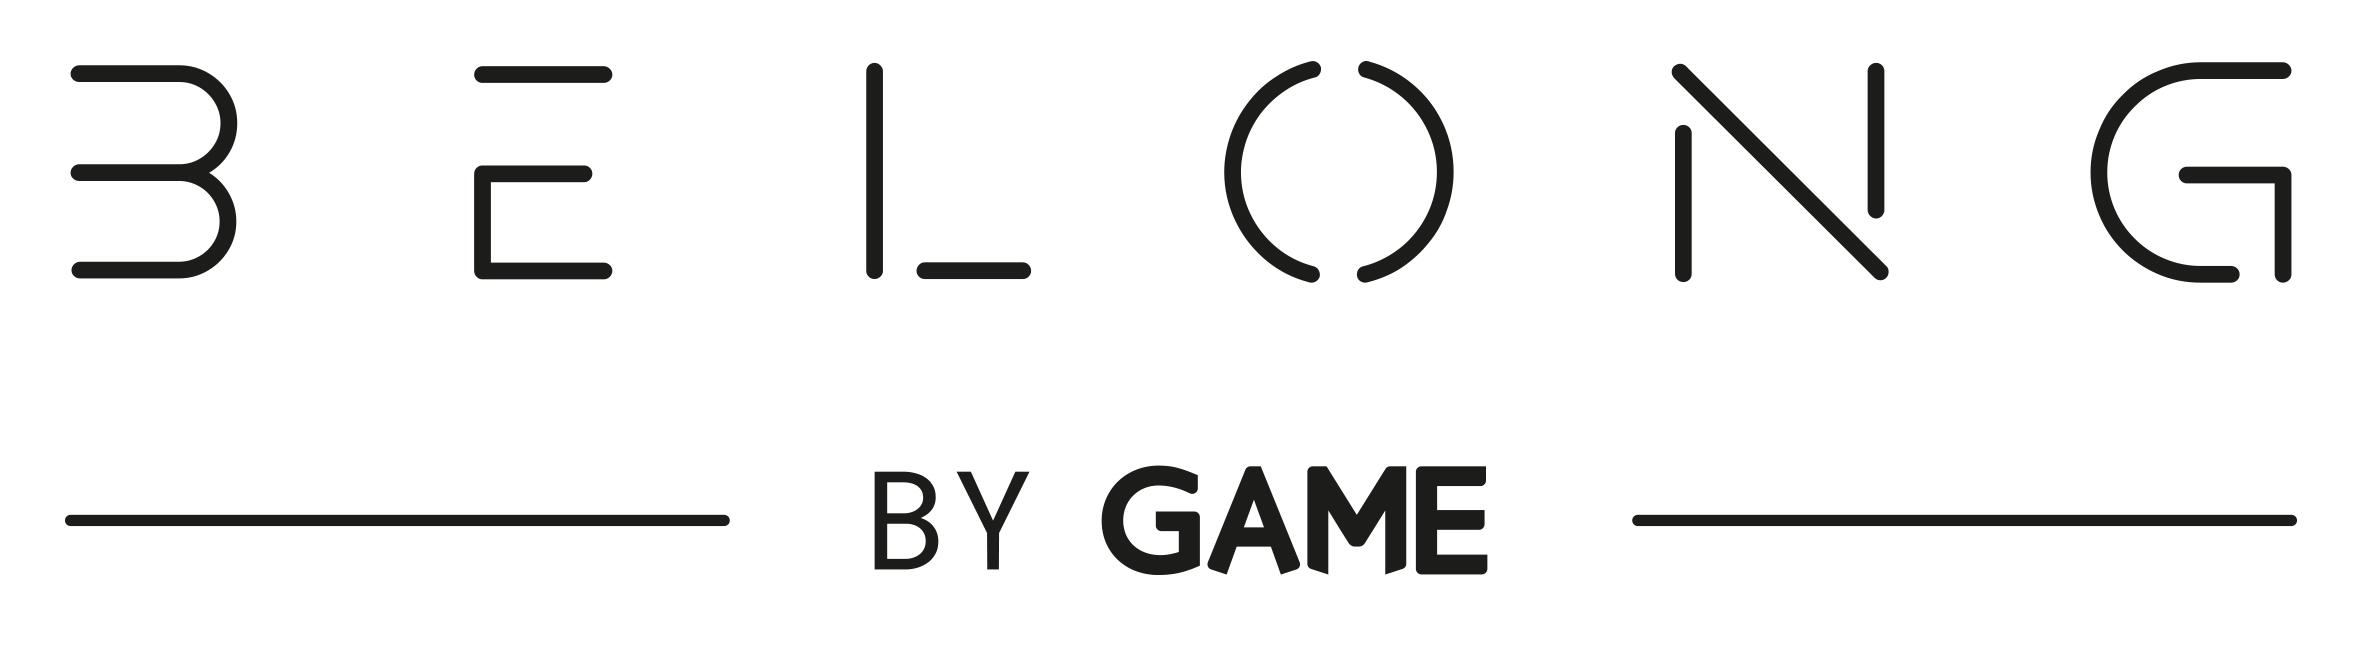 Belong by Game.jpg